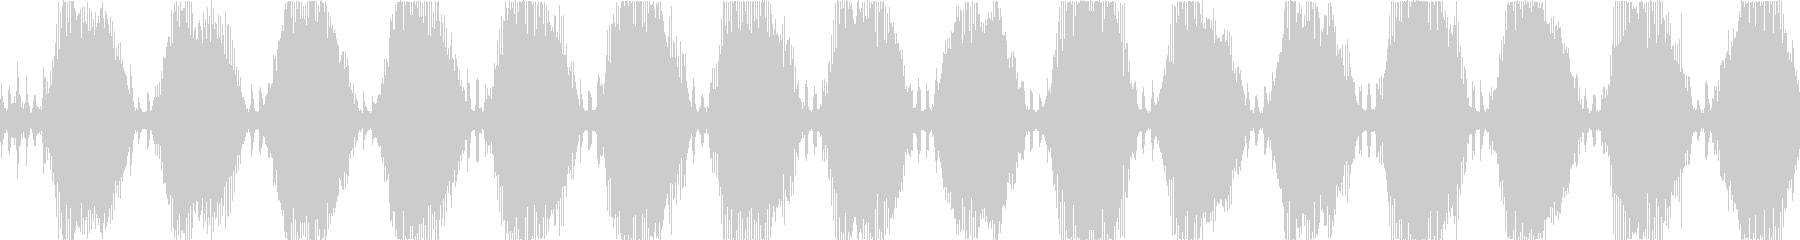 機械的な警報アラーム効果音・ループBGMの未再生の波形